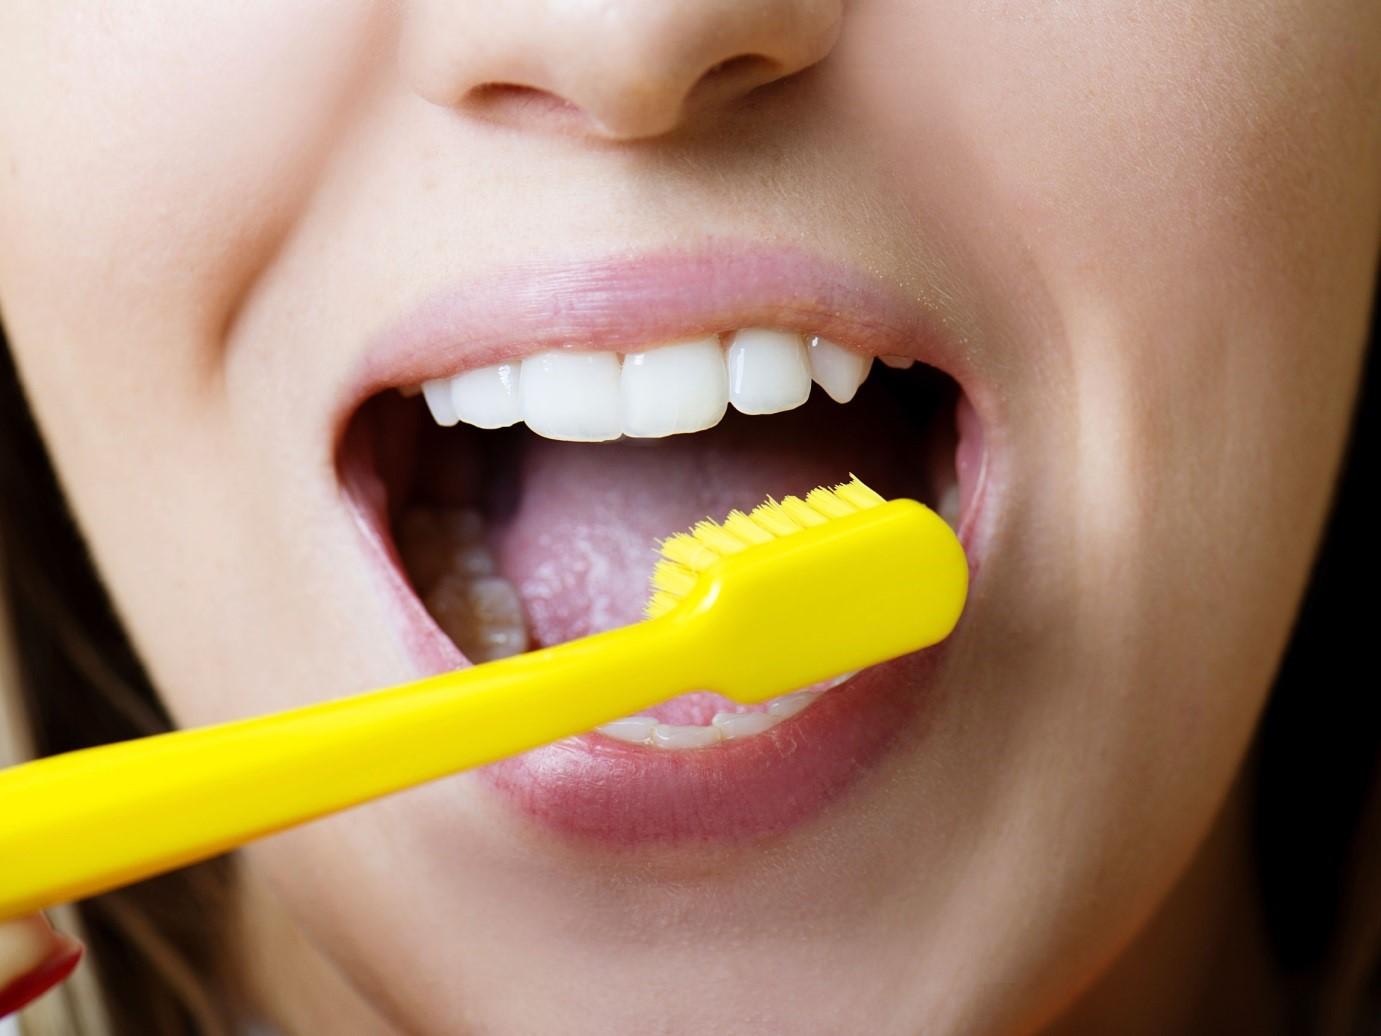 اقدامات مهم برای حفظ سلامت دهان و دندان